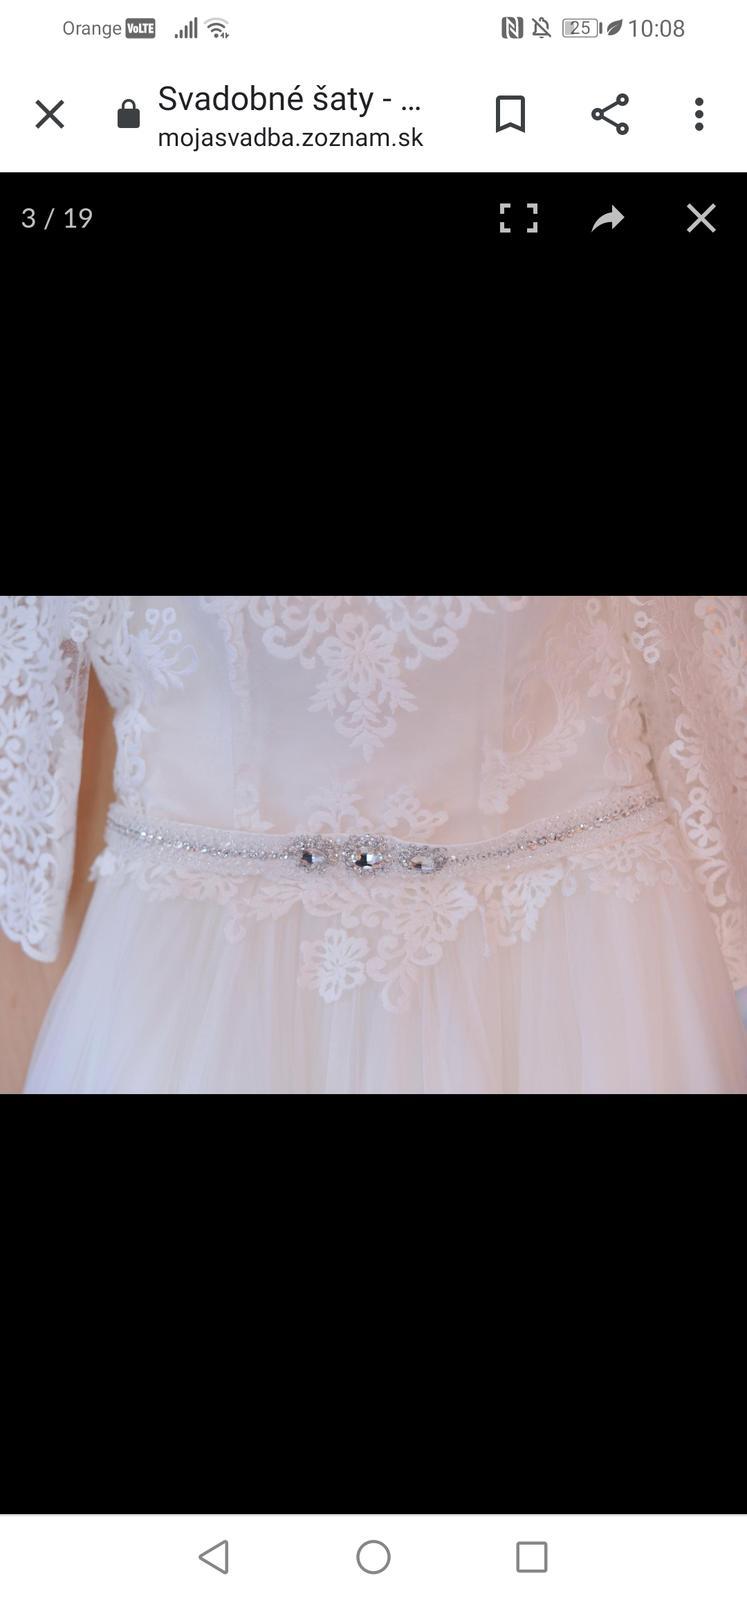 Svadobné šaty irian sam - Obrázok č. 4